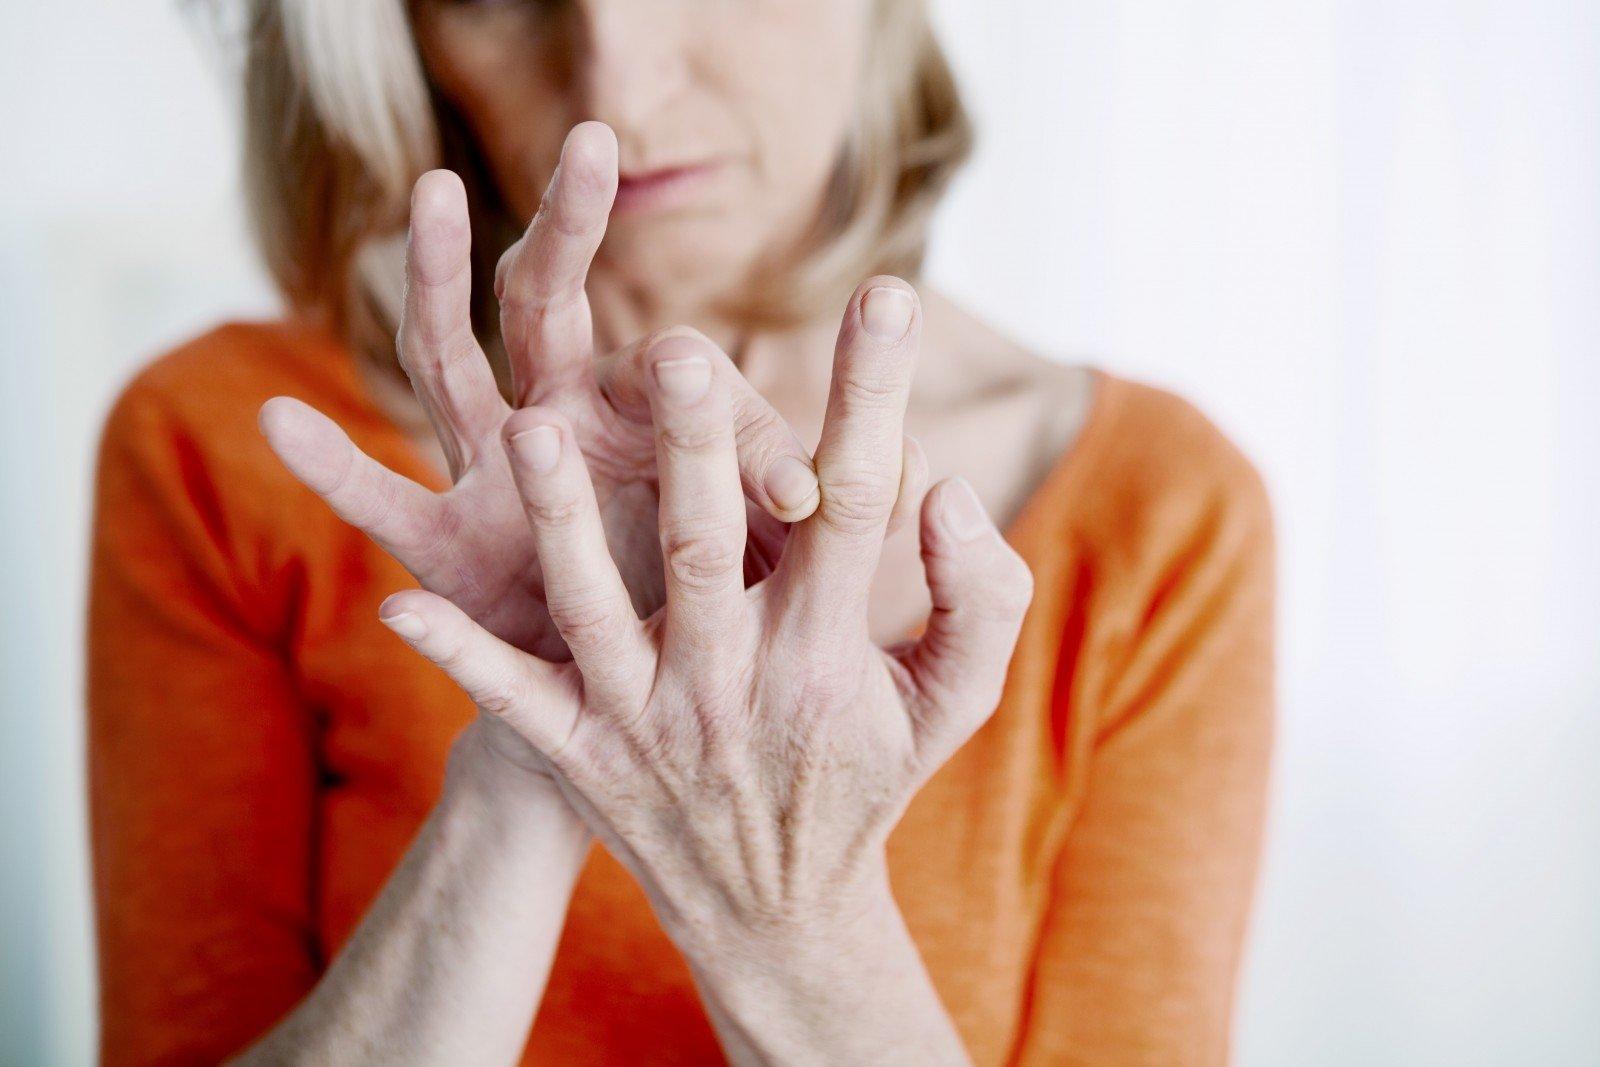 gydymas artritu sąnarių liaudies metodų